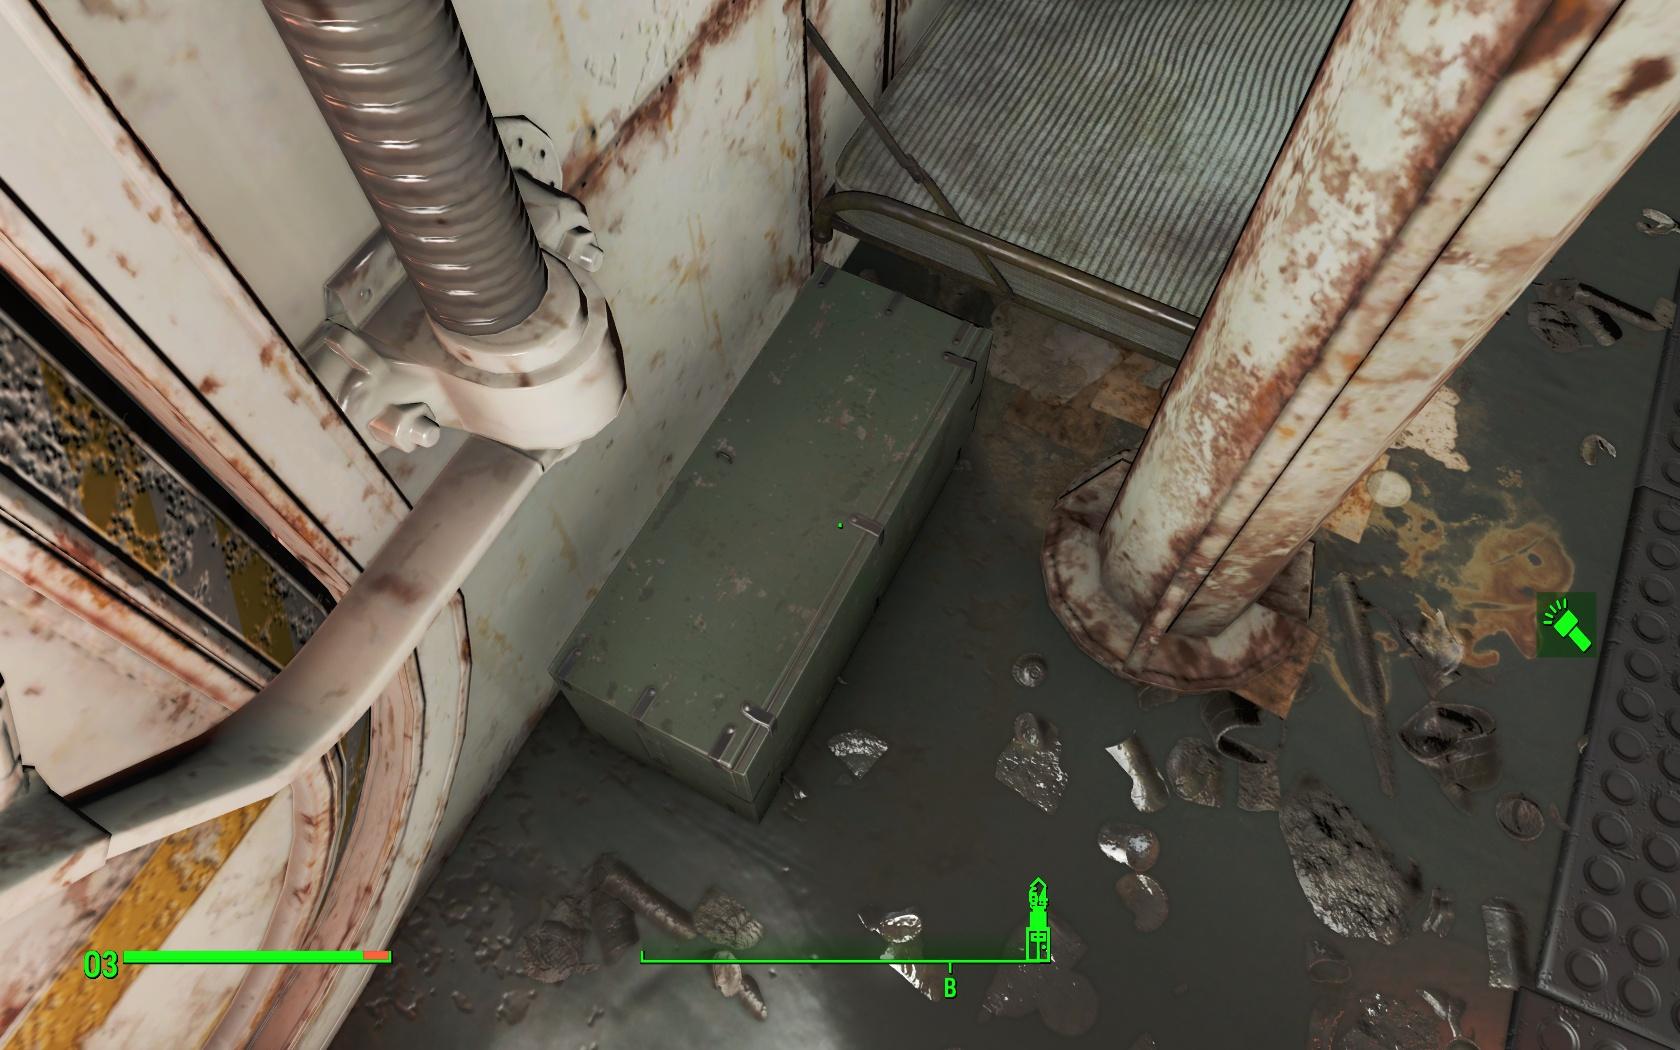 Недоступный сундук (подлодка Янцзы) - Fallout 4 Баг, Недоступный, подлодка, подлодка Янцзы, сундук, Янцзы